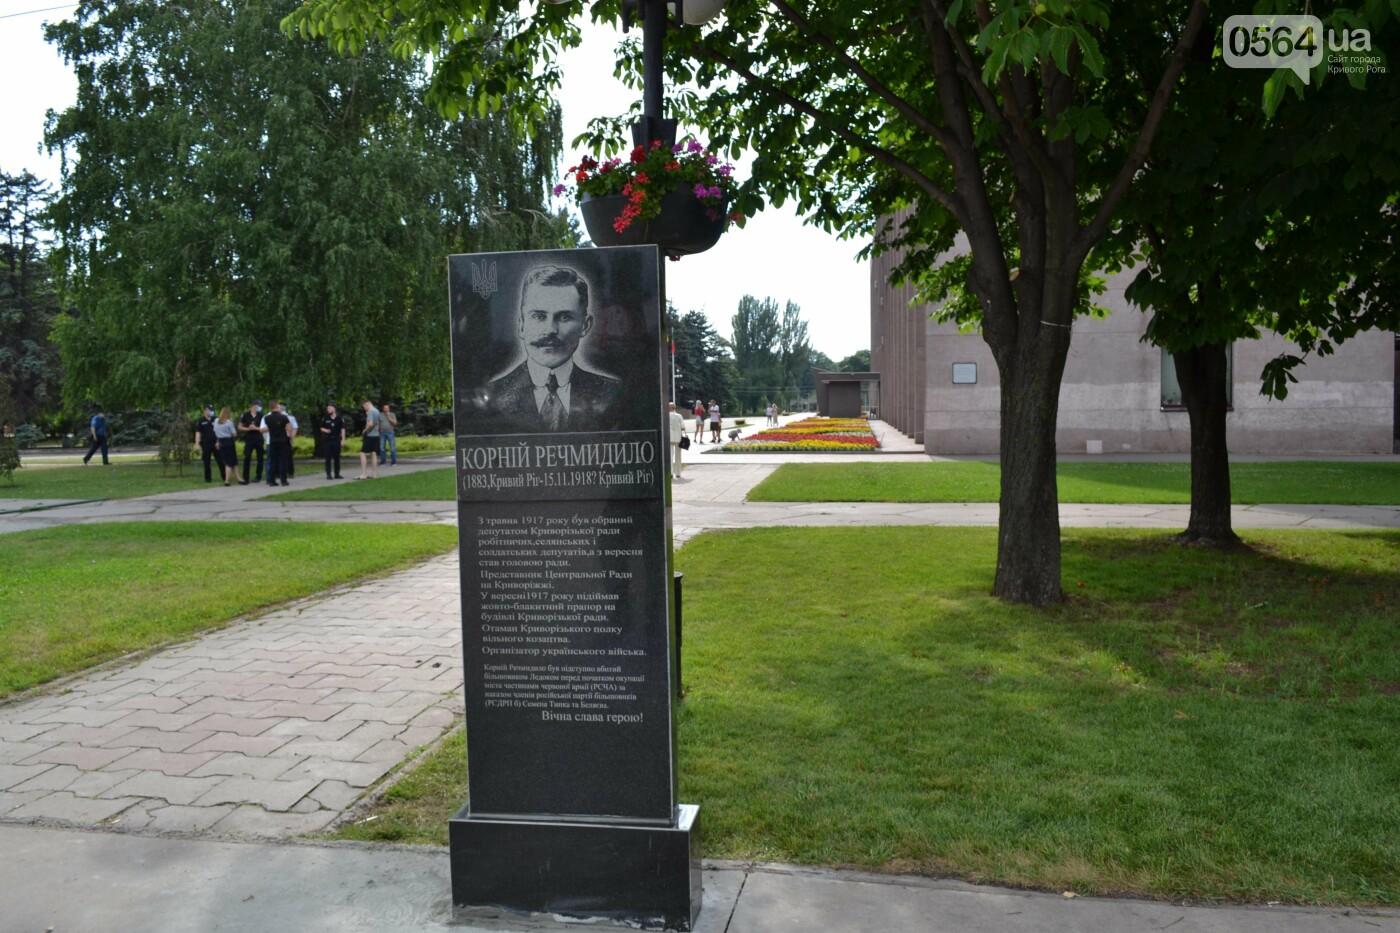 К 30-летию Независимости Украины в Кривом Роге установили мемориальную плиту в память о Корнее Речмидило, - ФОТО, ВИДЕО, фото-67